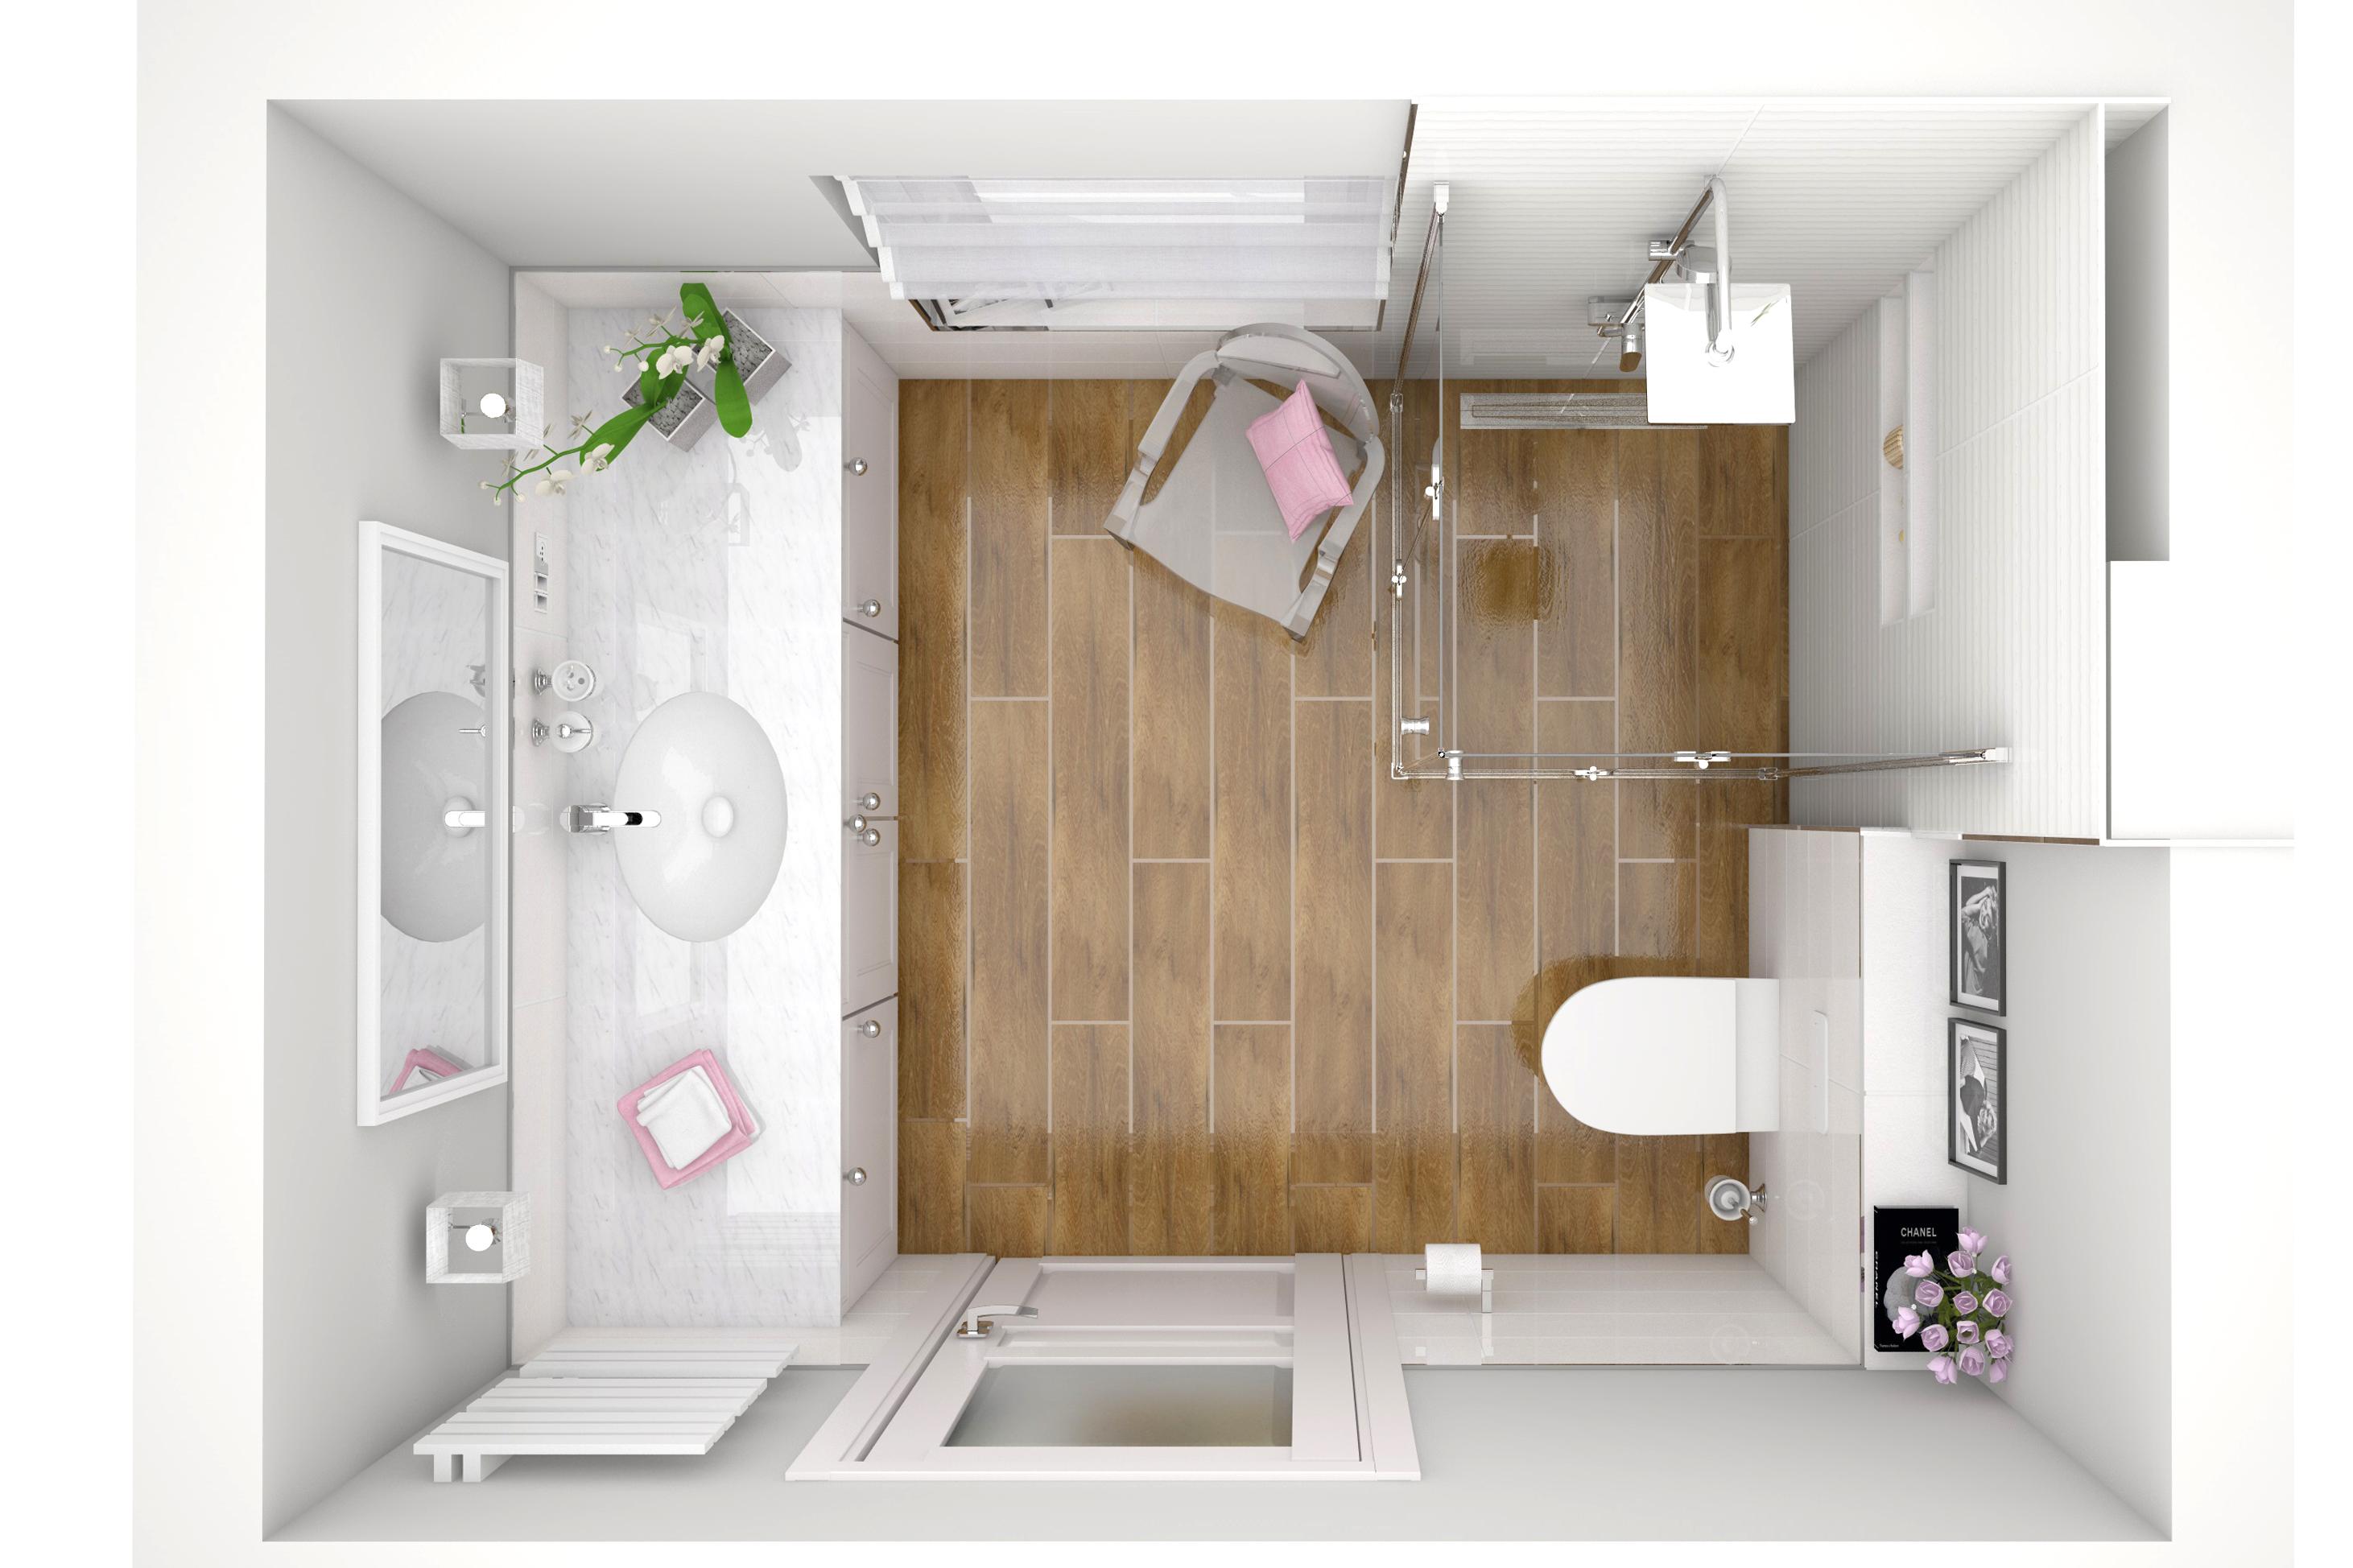 Kobieca łazienka W Gogolinie 65m2 Architekt Opole